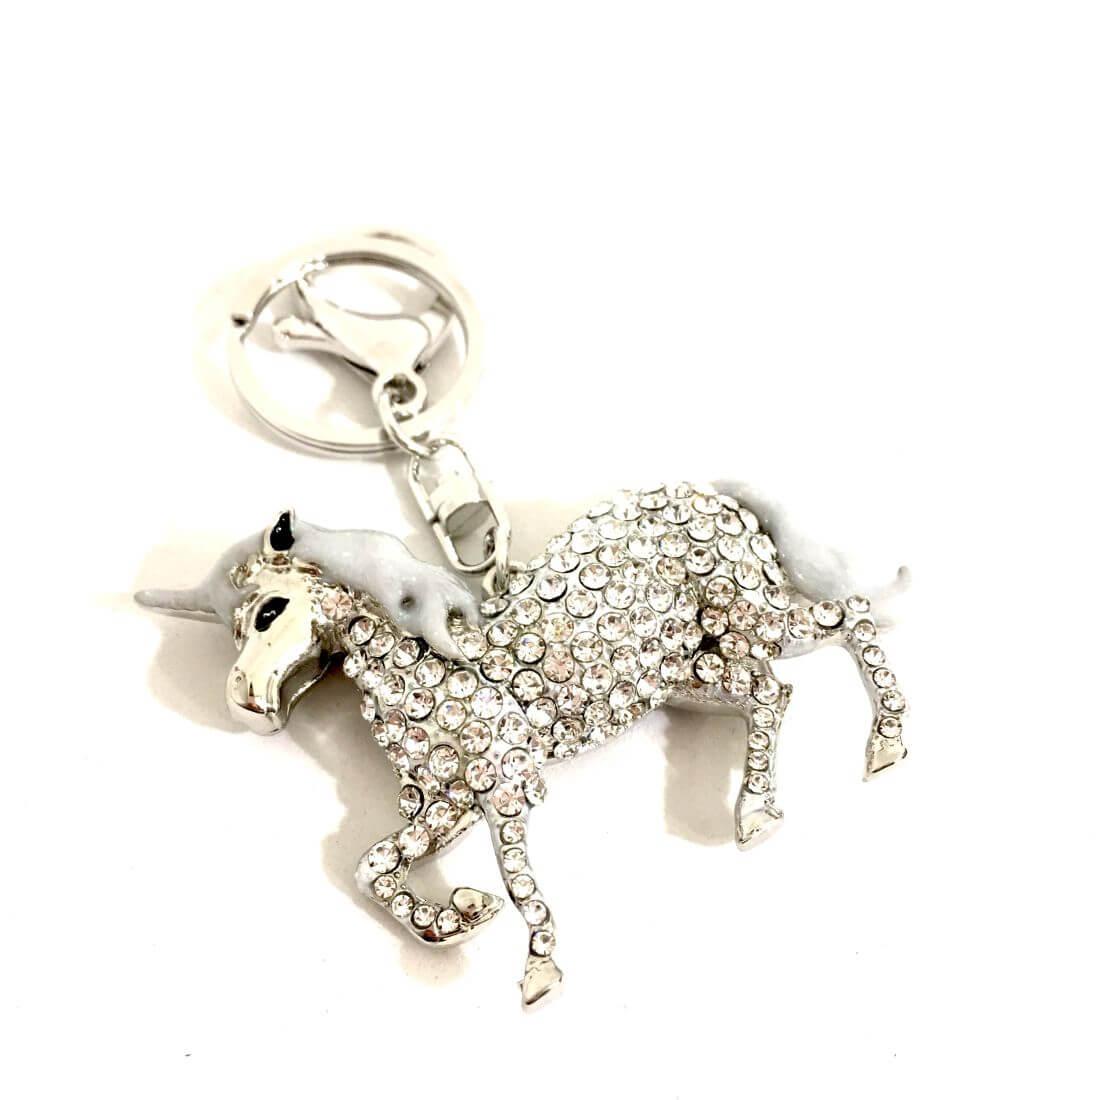 unicorno portachiavi  Portachiavi unicorno argento - Negozio Online Coco